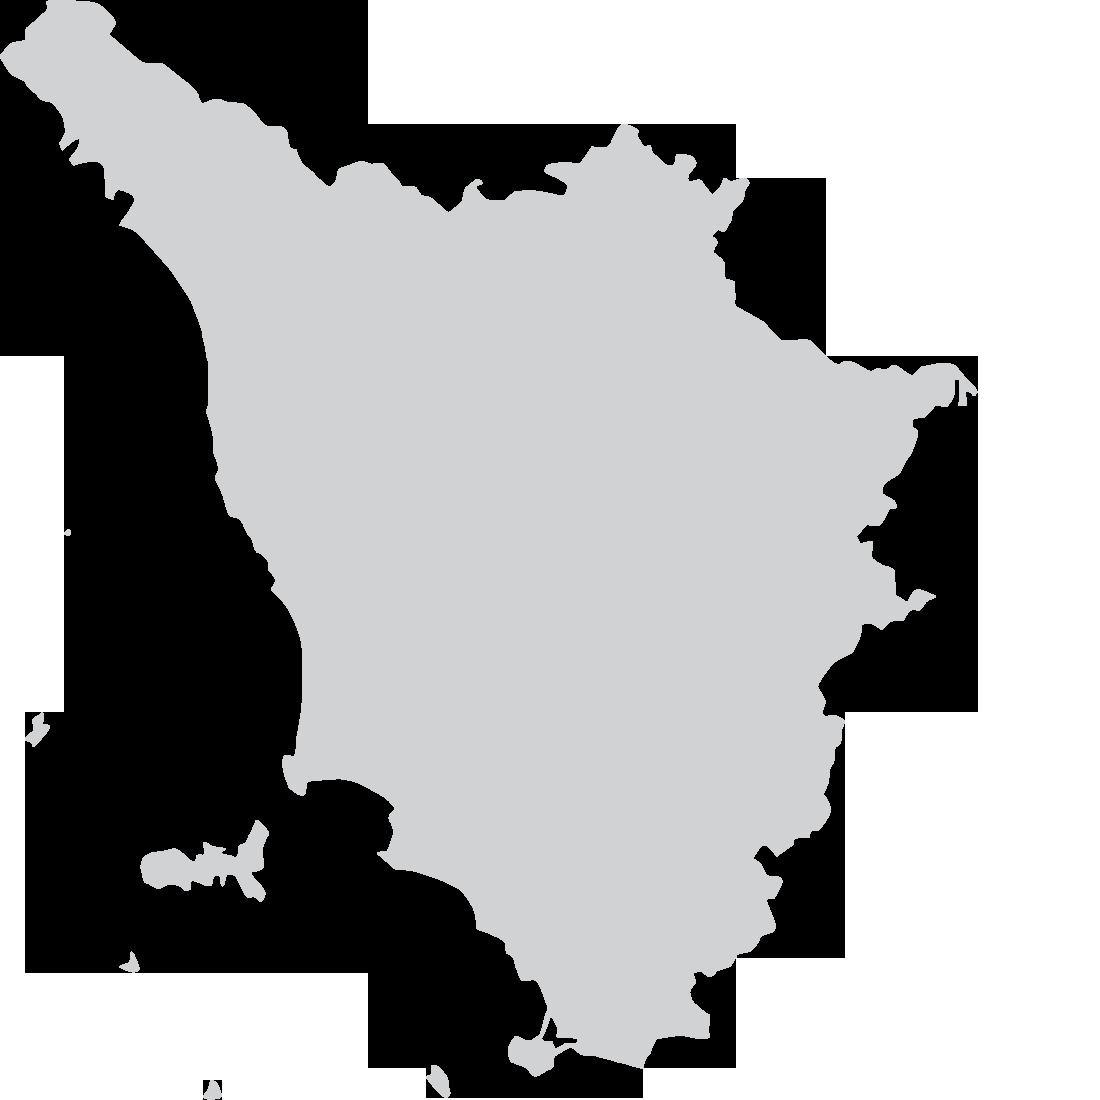 La mappa degli impianti